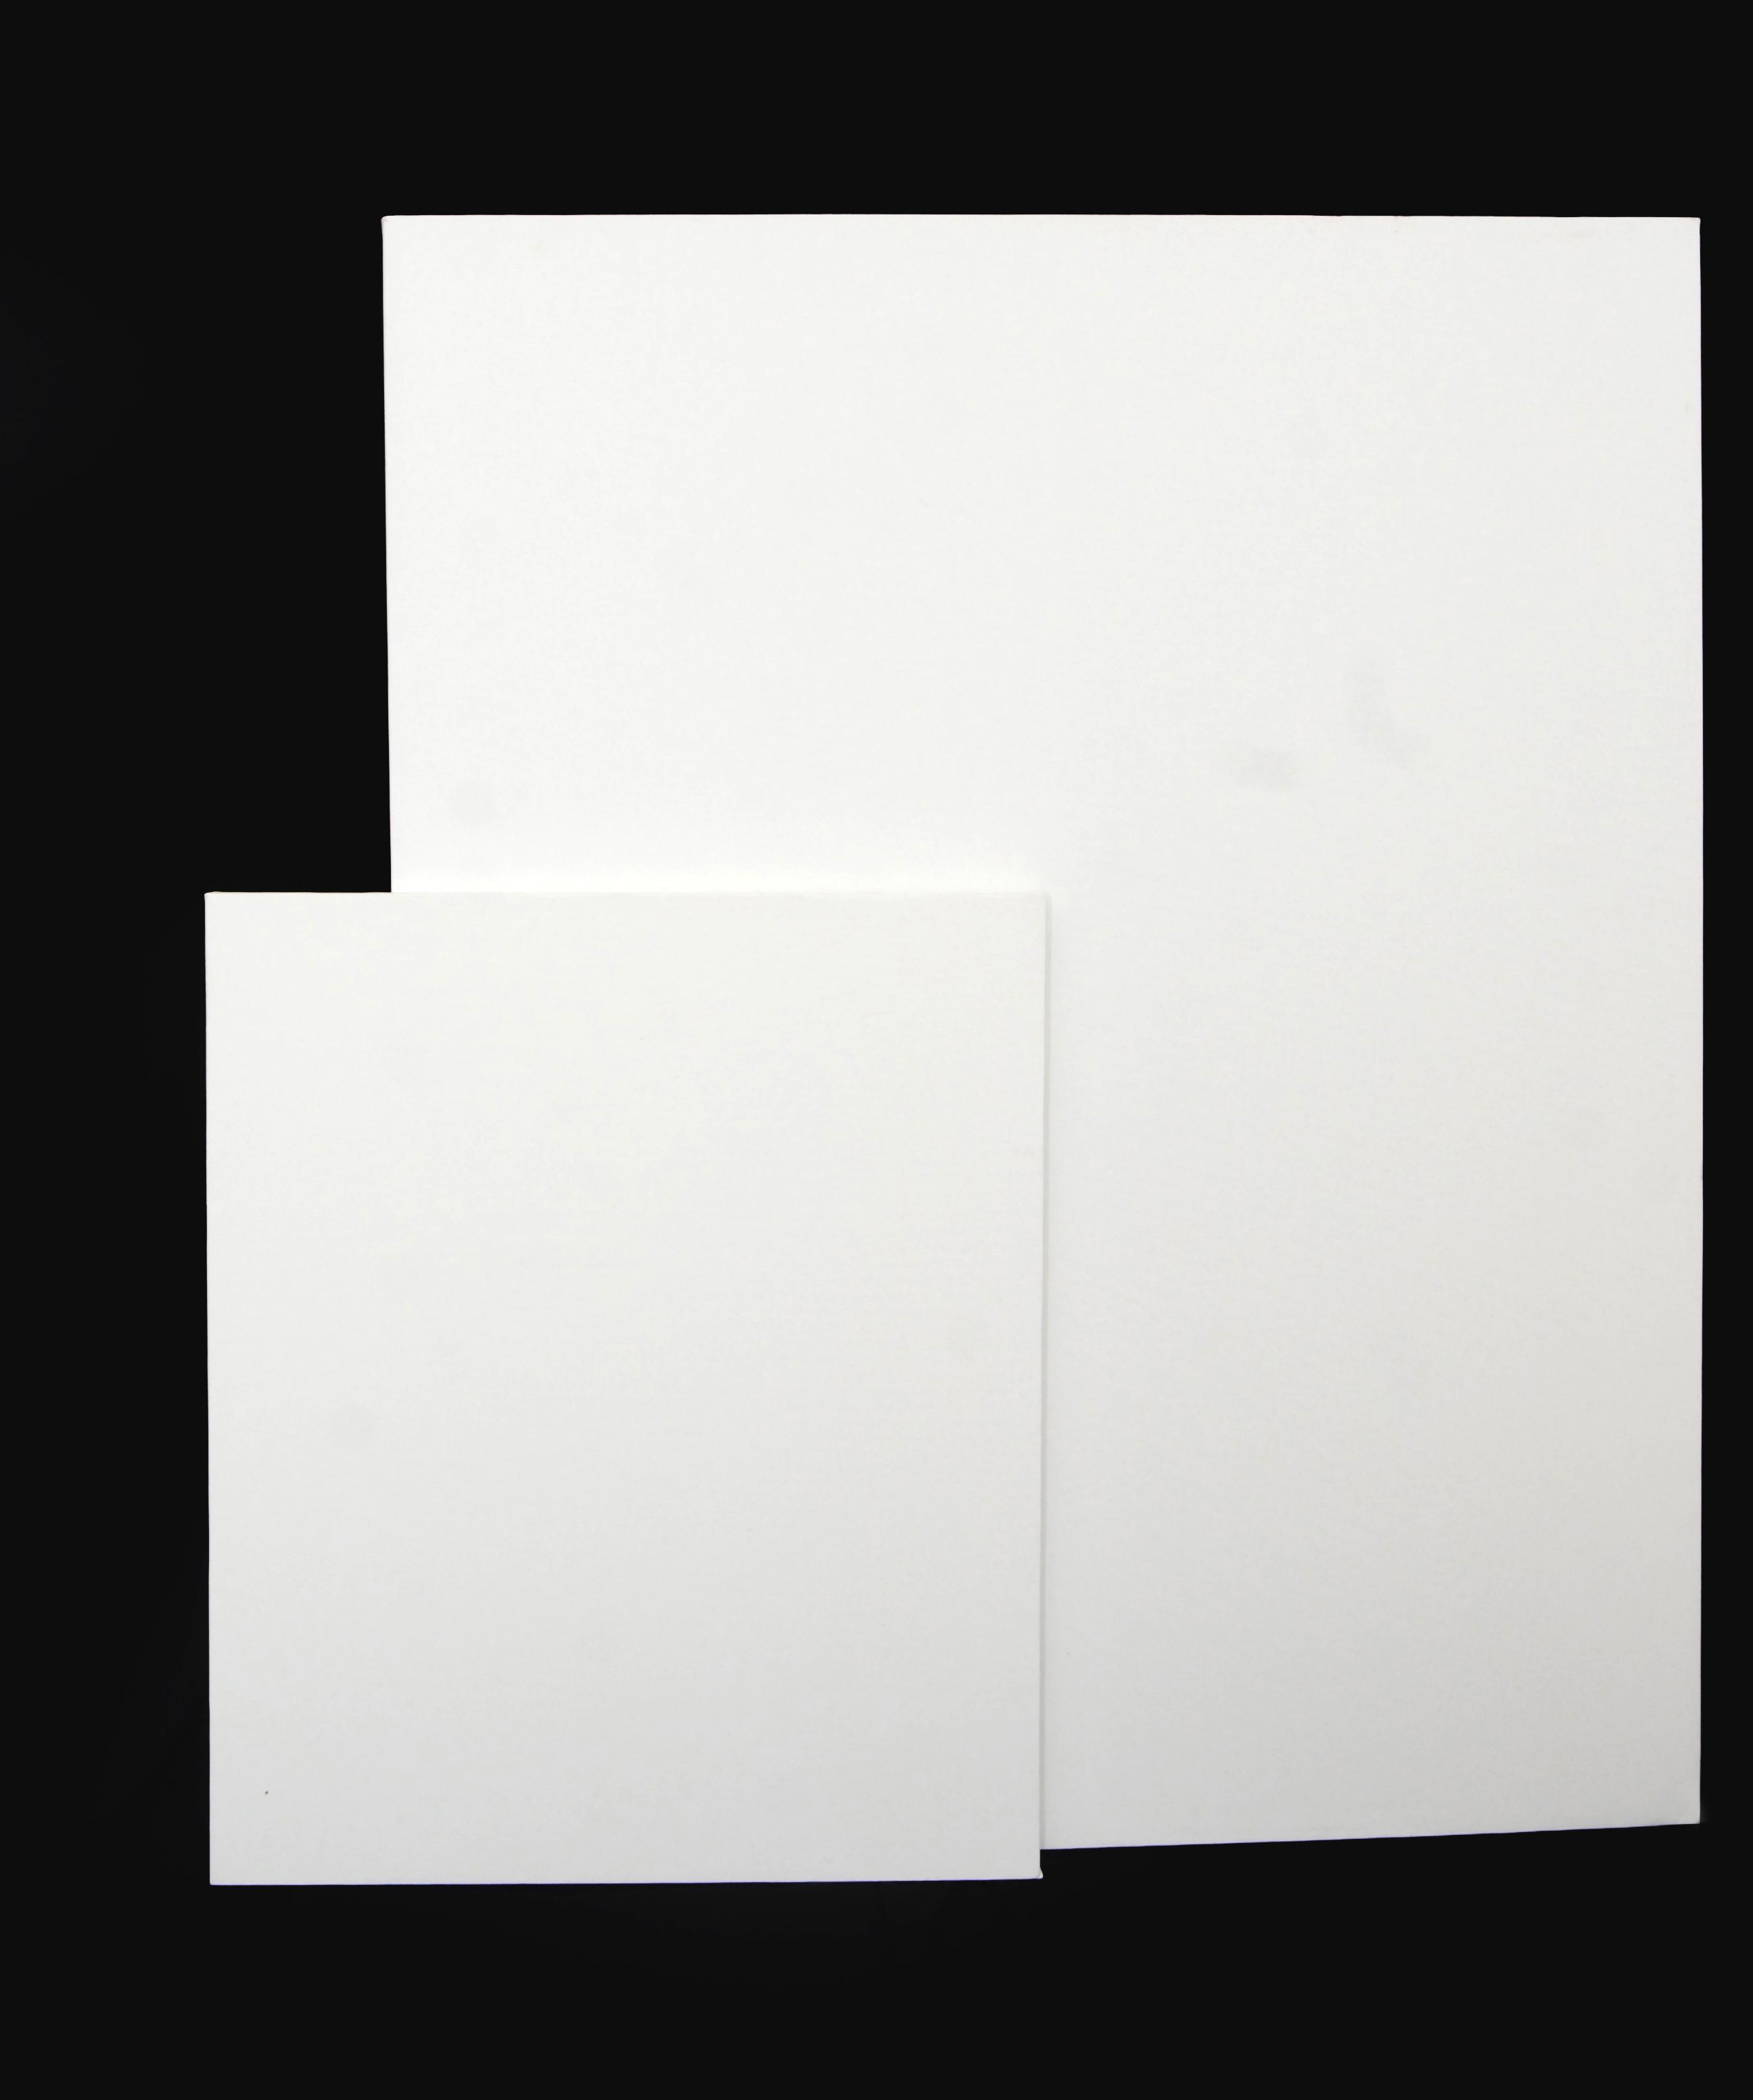 Tele su misura - Tele personalizzate per pittori - Telai telati su misura - Tele Belle Arti su Misura